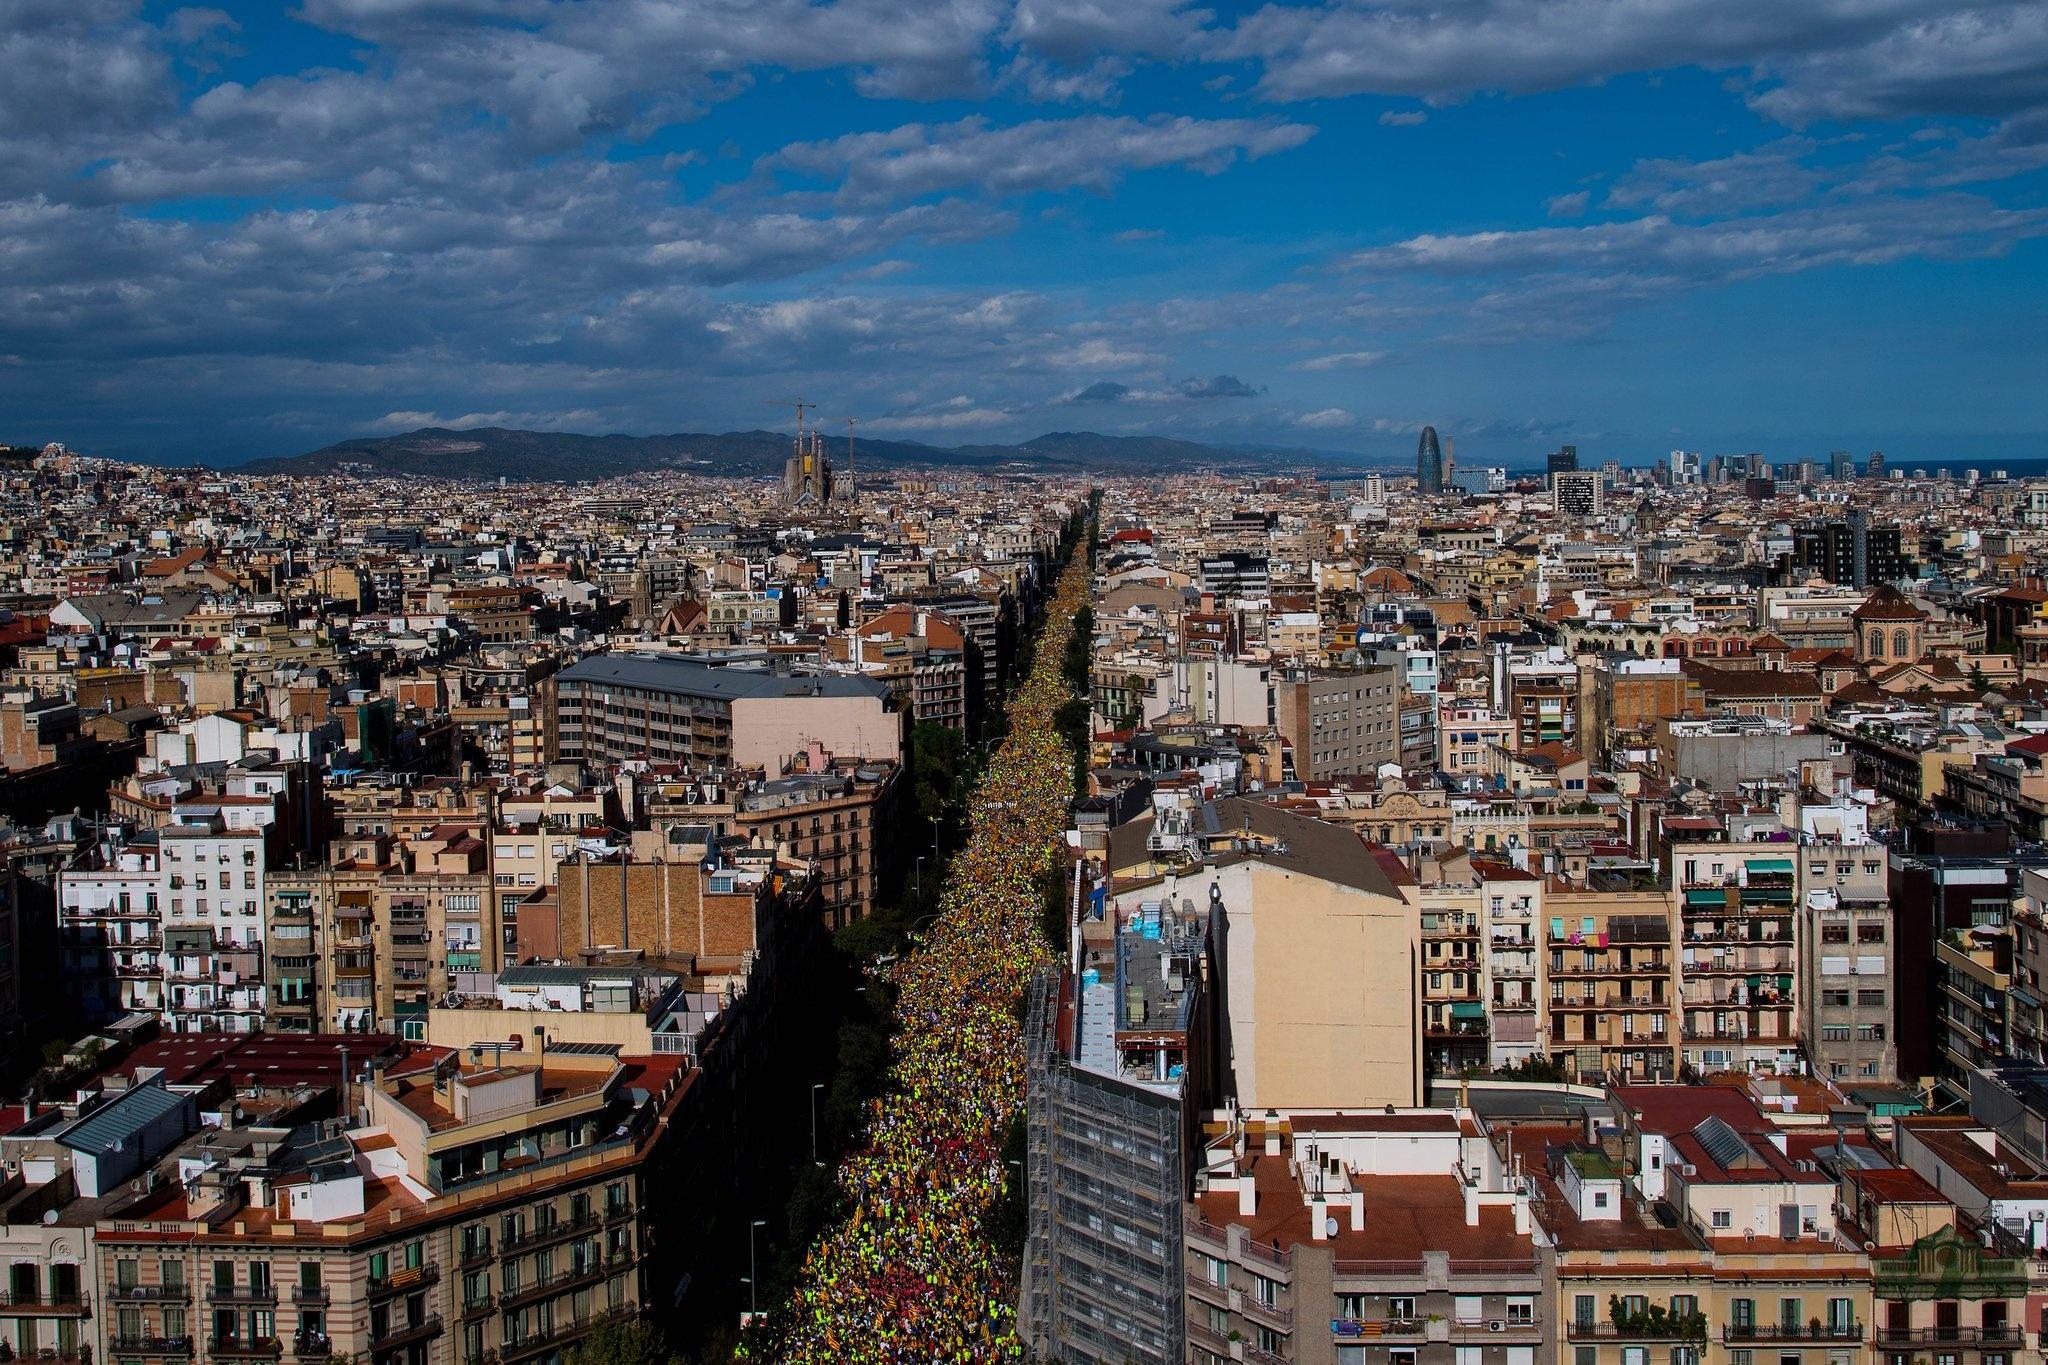 Catalonia va ngon lua khao khat doc lap suot 1.000 nam hinh anh 8